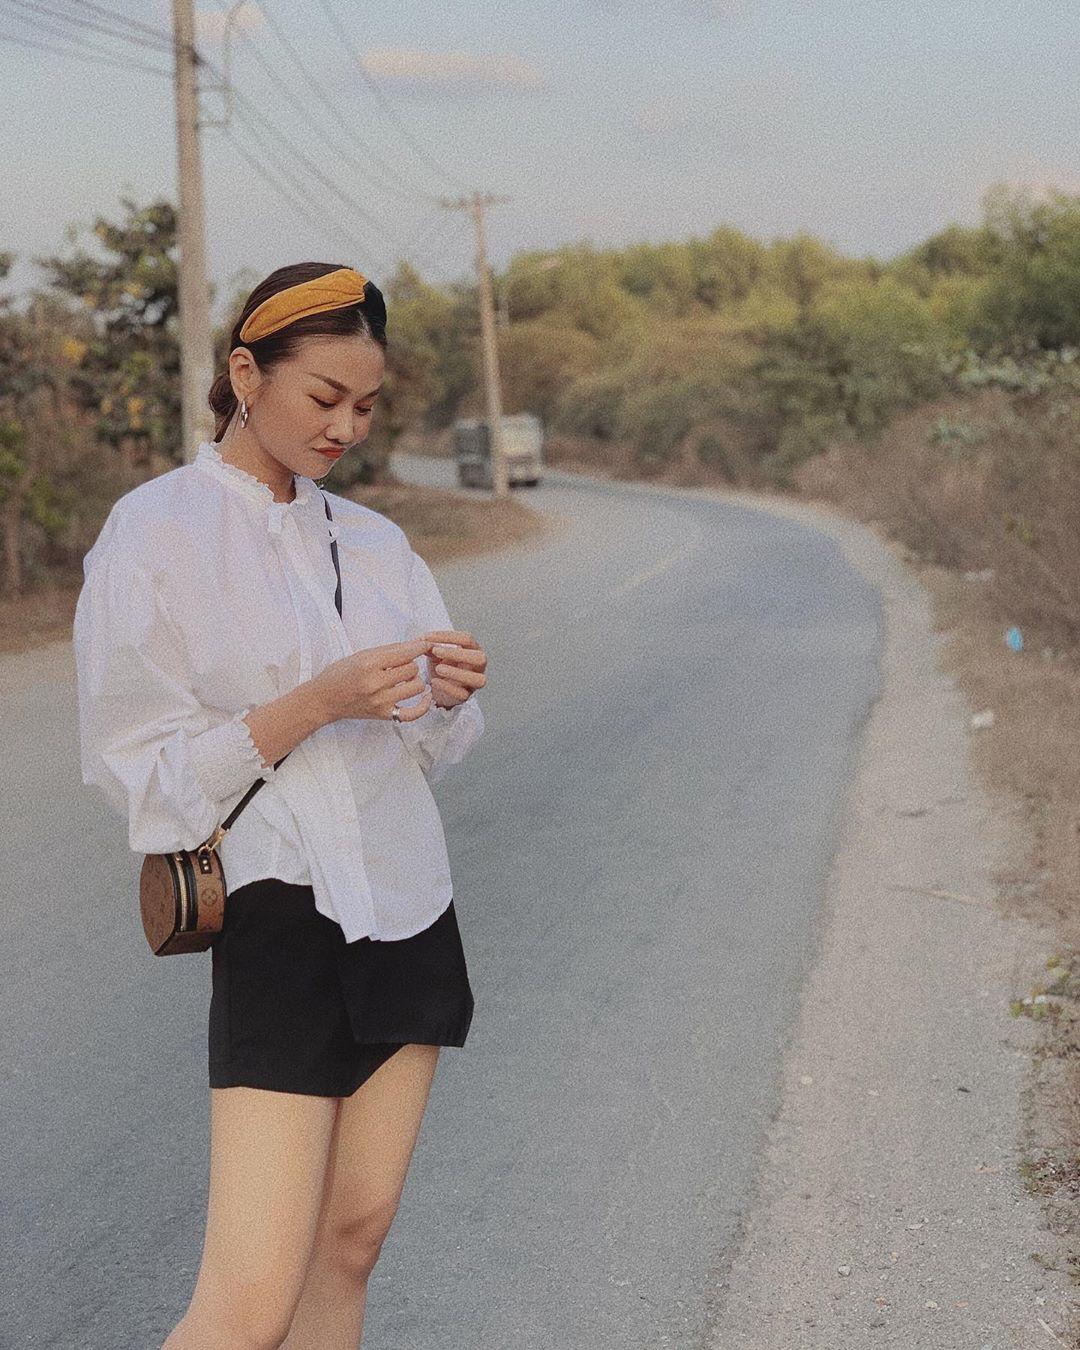 Chỉ cần diện áo blouse cùng quần short/ chân váy ngắn là Thanh Hằng đã có set đồ trẻ trung, tôn chân dài và vẫn xinh xẻo vô cùng.